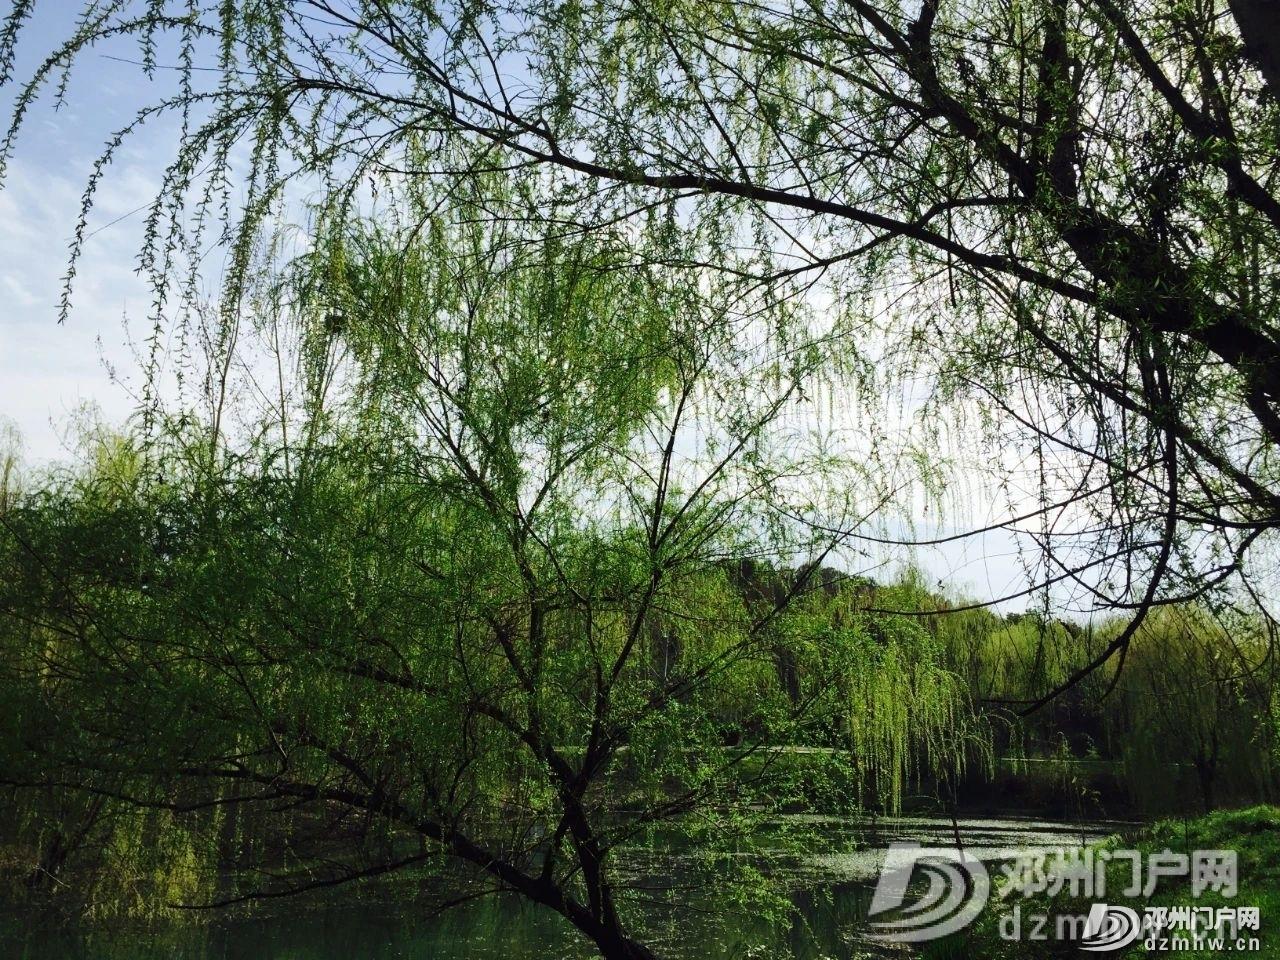 春暖花开,邓州,久等了! - 邓州门户网|邓州网 - a44a6045e9c575301d4b3dad4d60a121.jpg